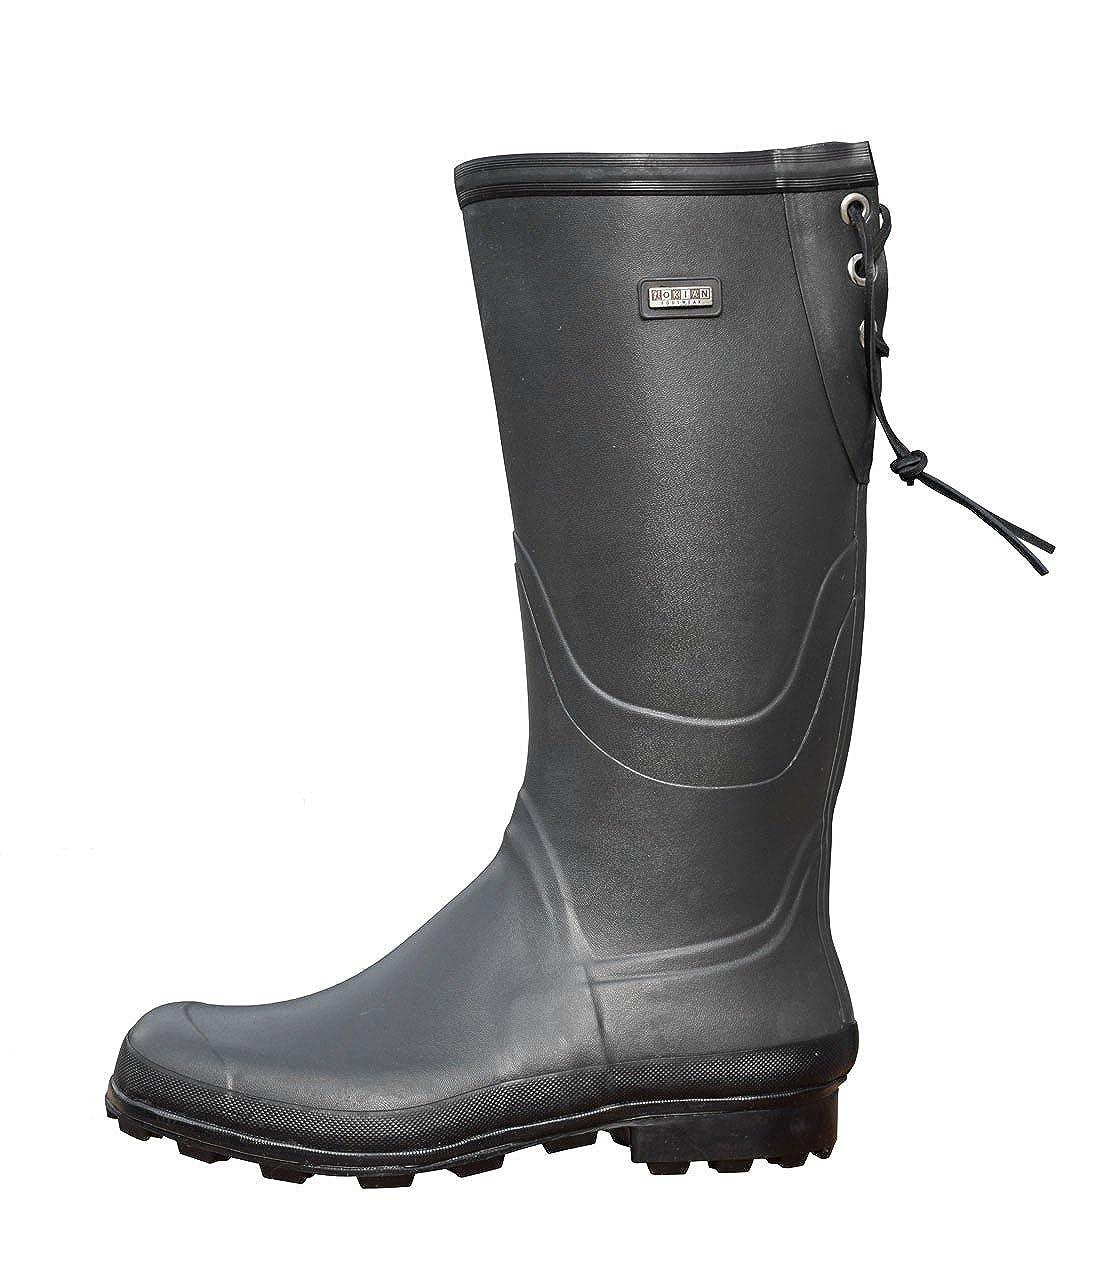 Nokian Footwear - Gummistiefel -Finnjagd- (Outdoor) [440]